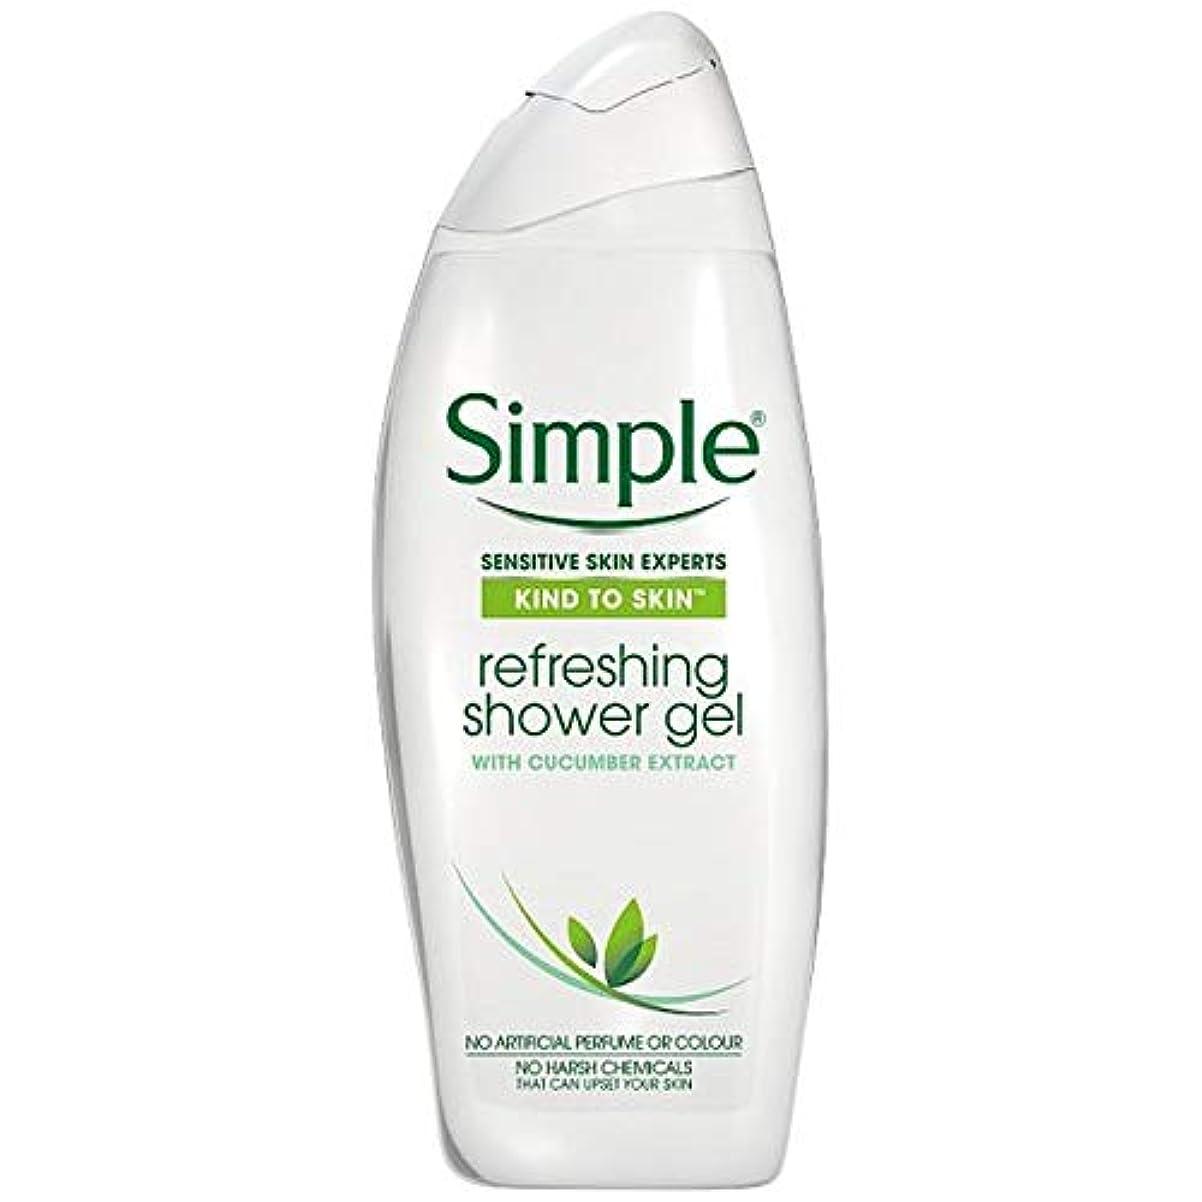 手数料スクランブル煩わしい[Simple] 皮膚さわやかなシャワージェル500ミリリットルに、単純な種類 - Simple Kind To Skin Refreshing Shower Gel 500Ml [並行輸入品]